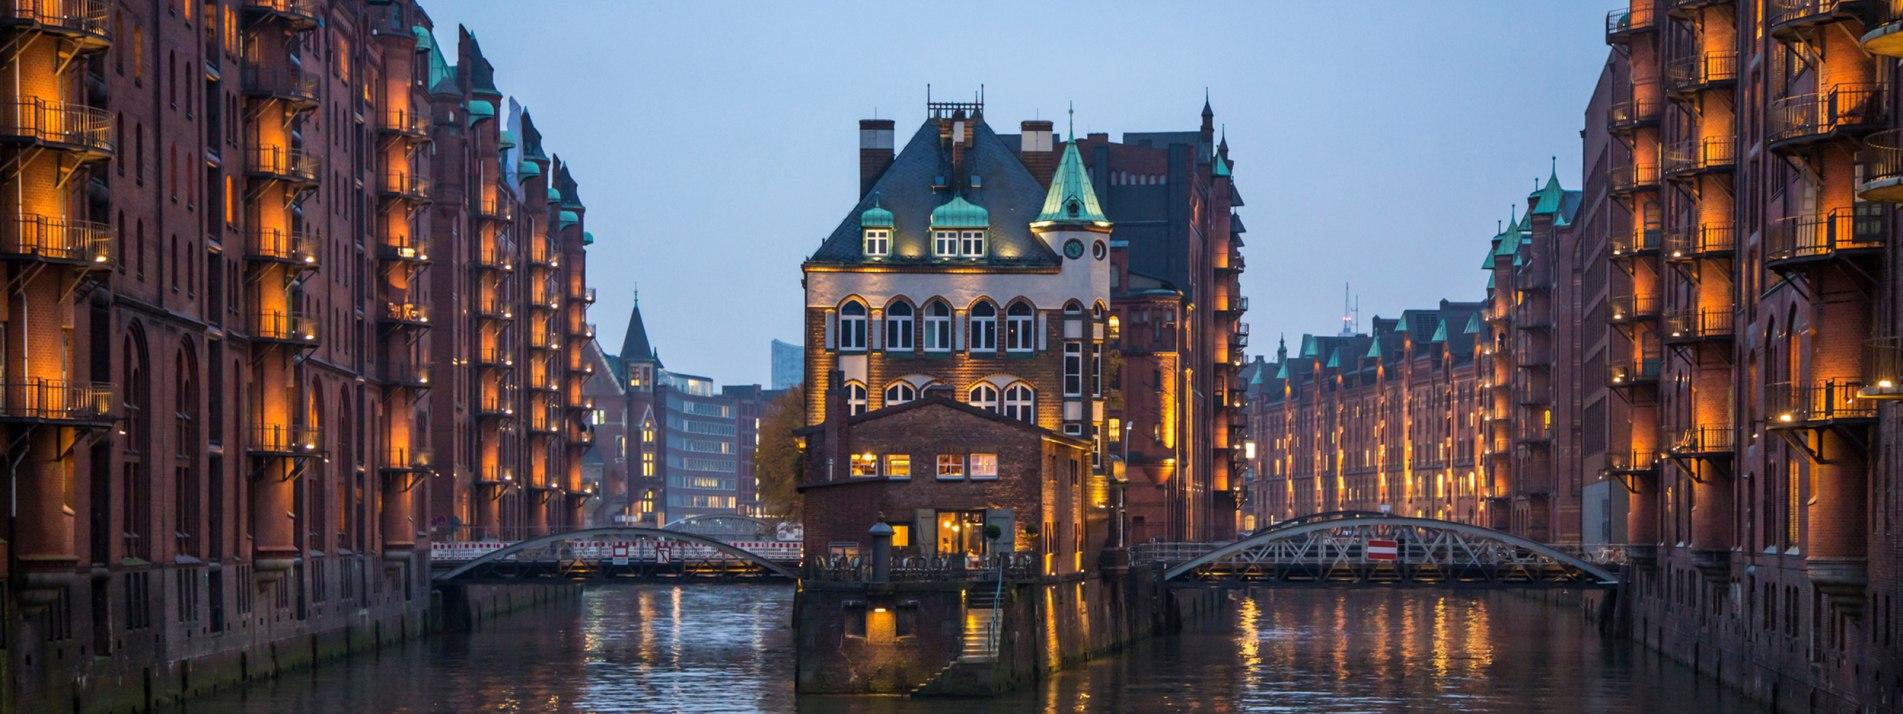 Die Speicherstadt in Hamburg bei Nacht. - BAHNHIT.DE, © getty, Foto: Victoria Wlaka